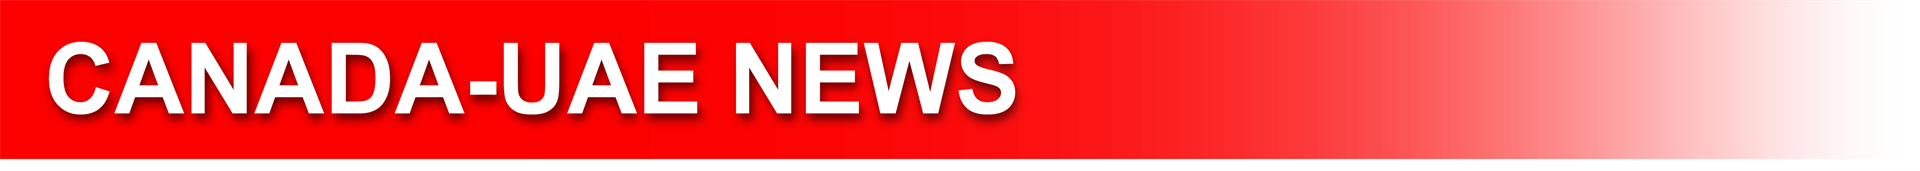 Canada-UAE News